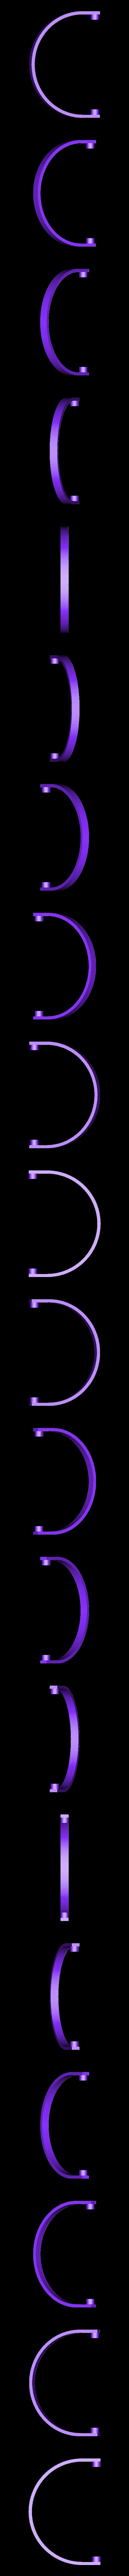 handle.stl Télécharger fichier STL gratuit Seau • Objet imprimable en 3D, bofl